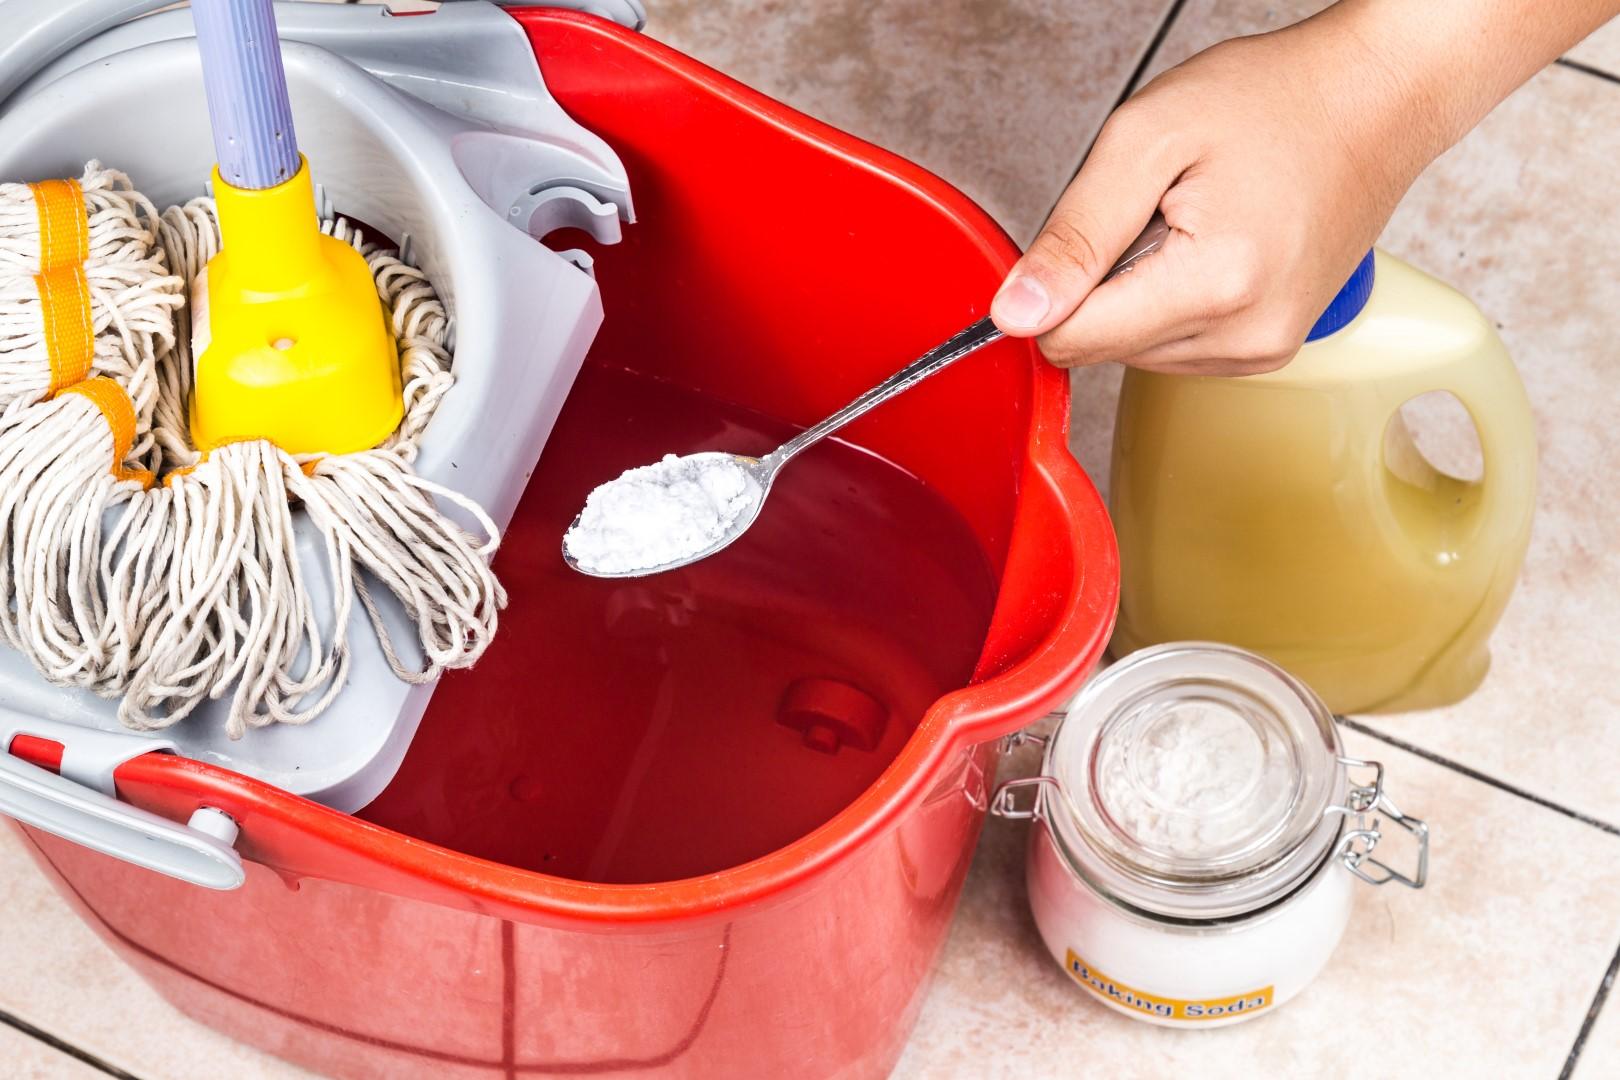 O bicarbonato de sódio é um ótimo produto de limpeza e desodorizador de vários produtos em casa.  Foto: Bigstock.